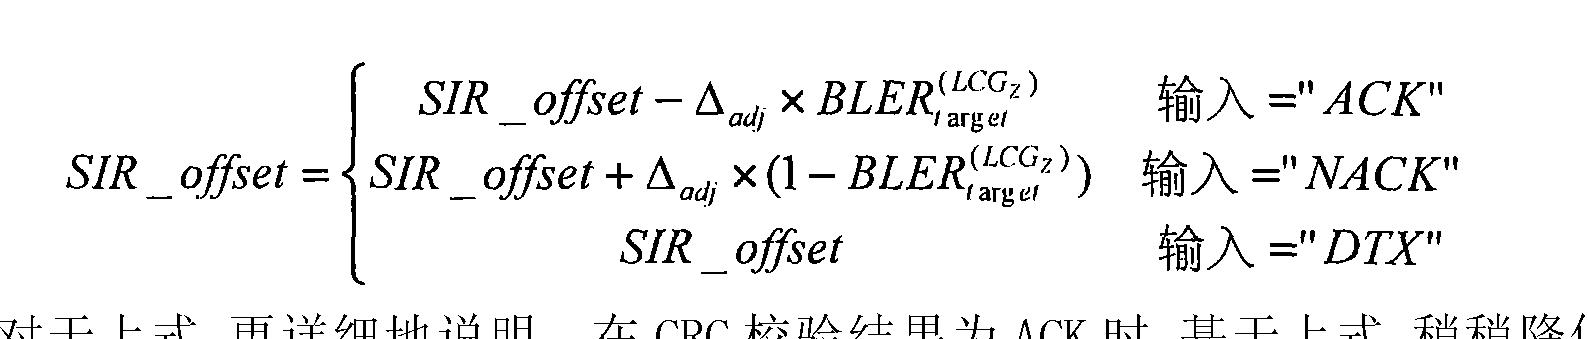 Figure CN101669401BD00573